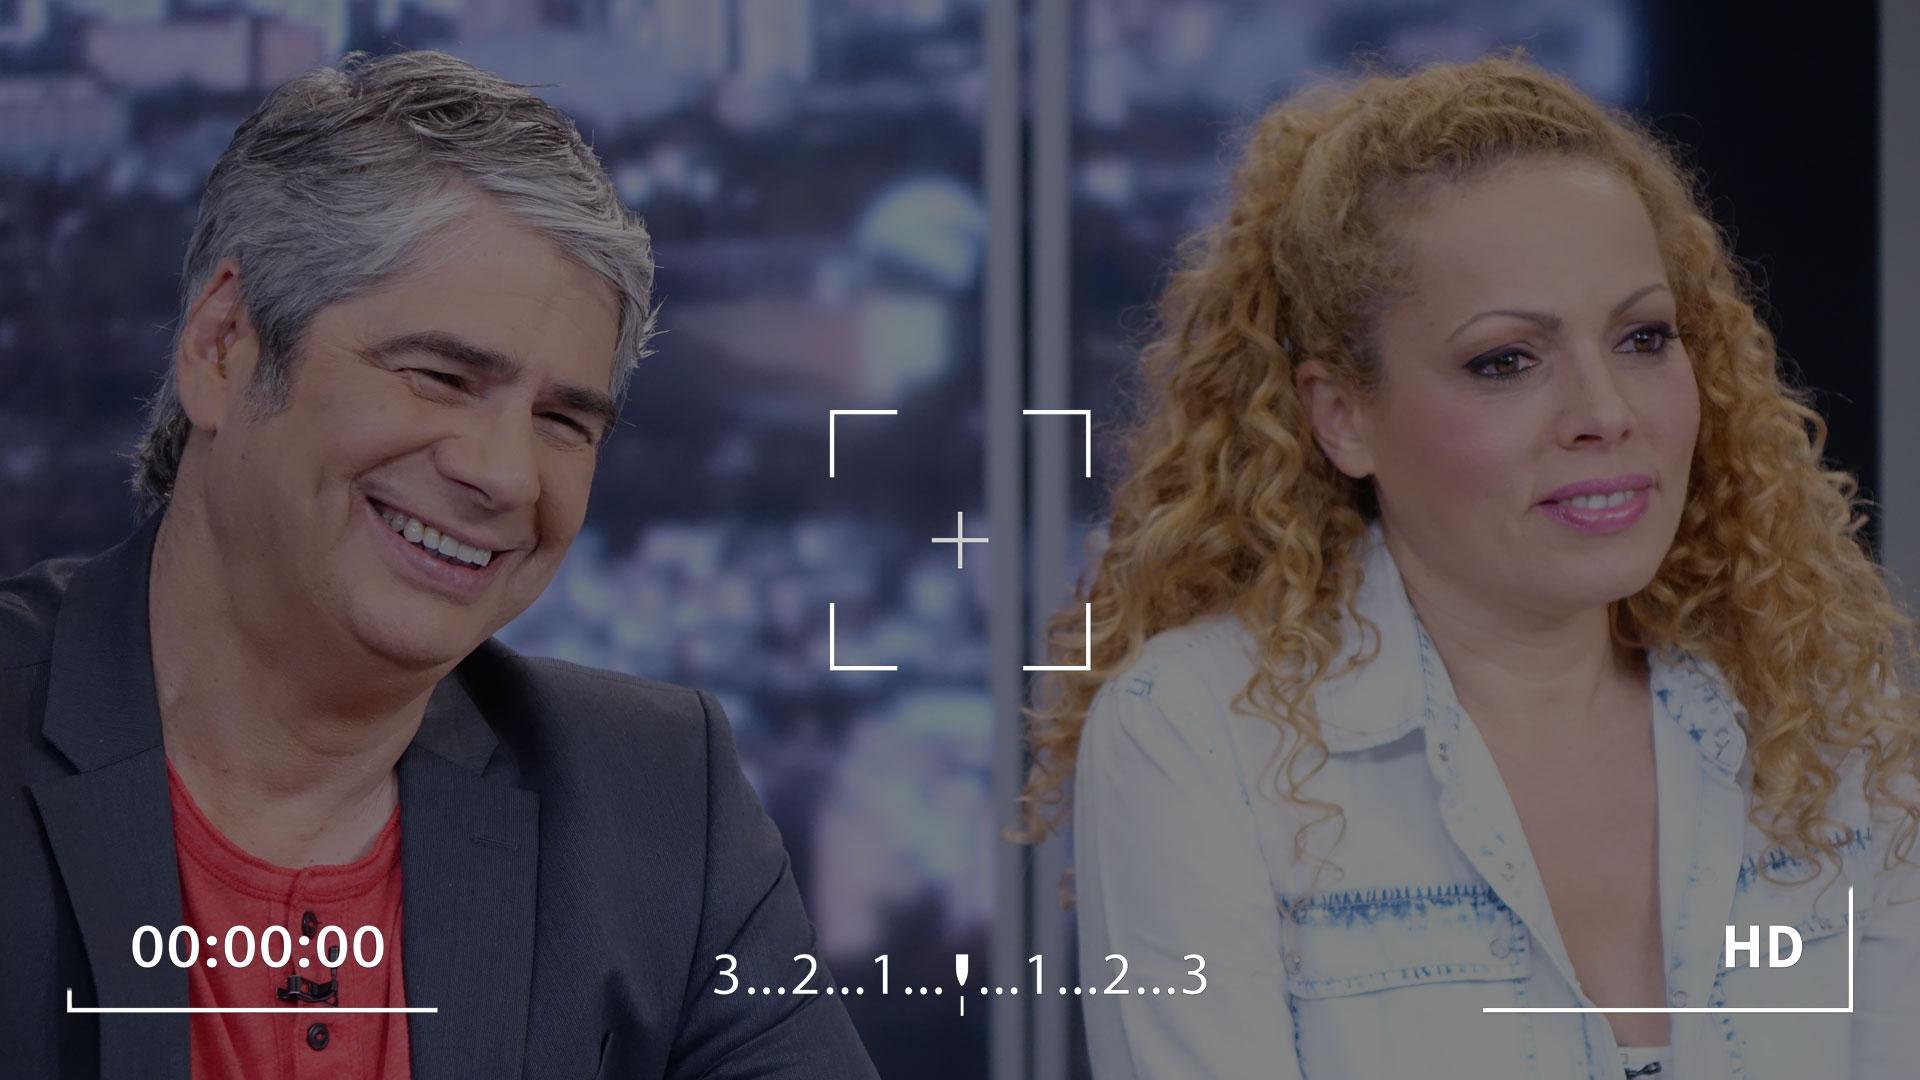 הערוץ הדיגיטלי של אורלי וגיא – איך עושים טלויזיה חדשה מהבית